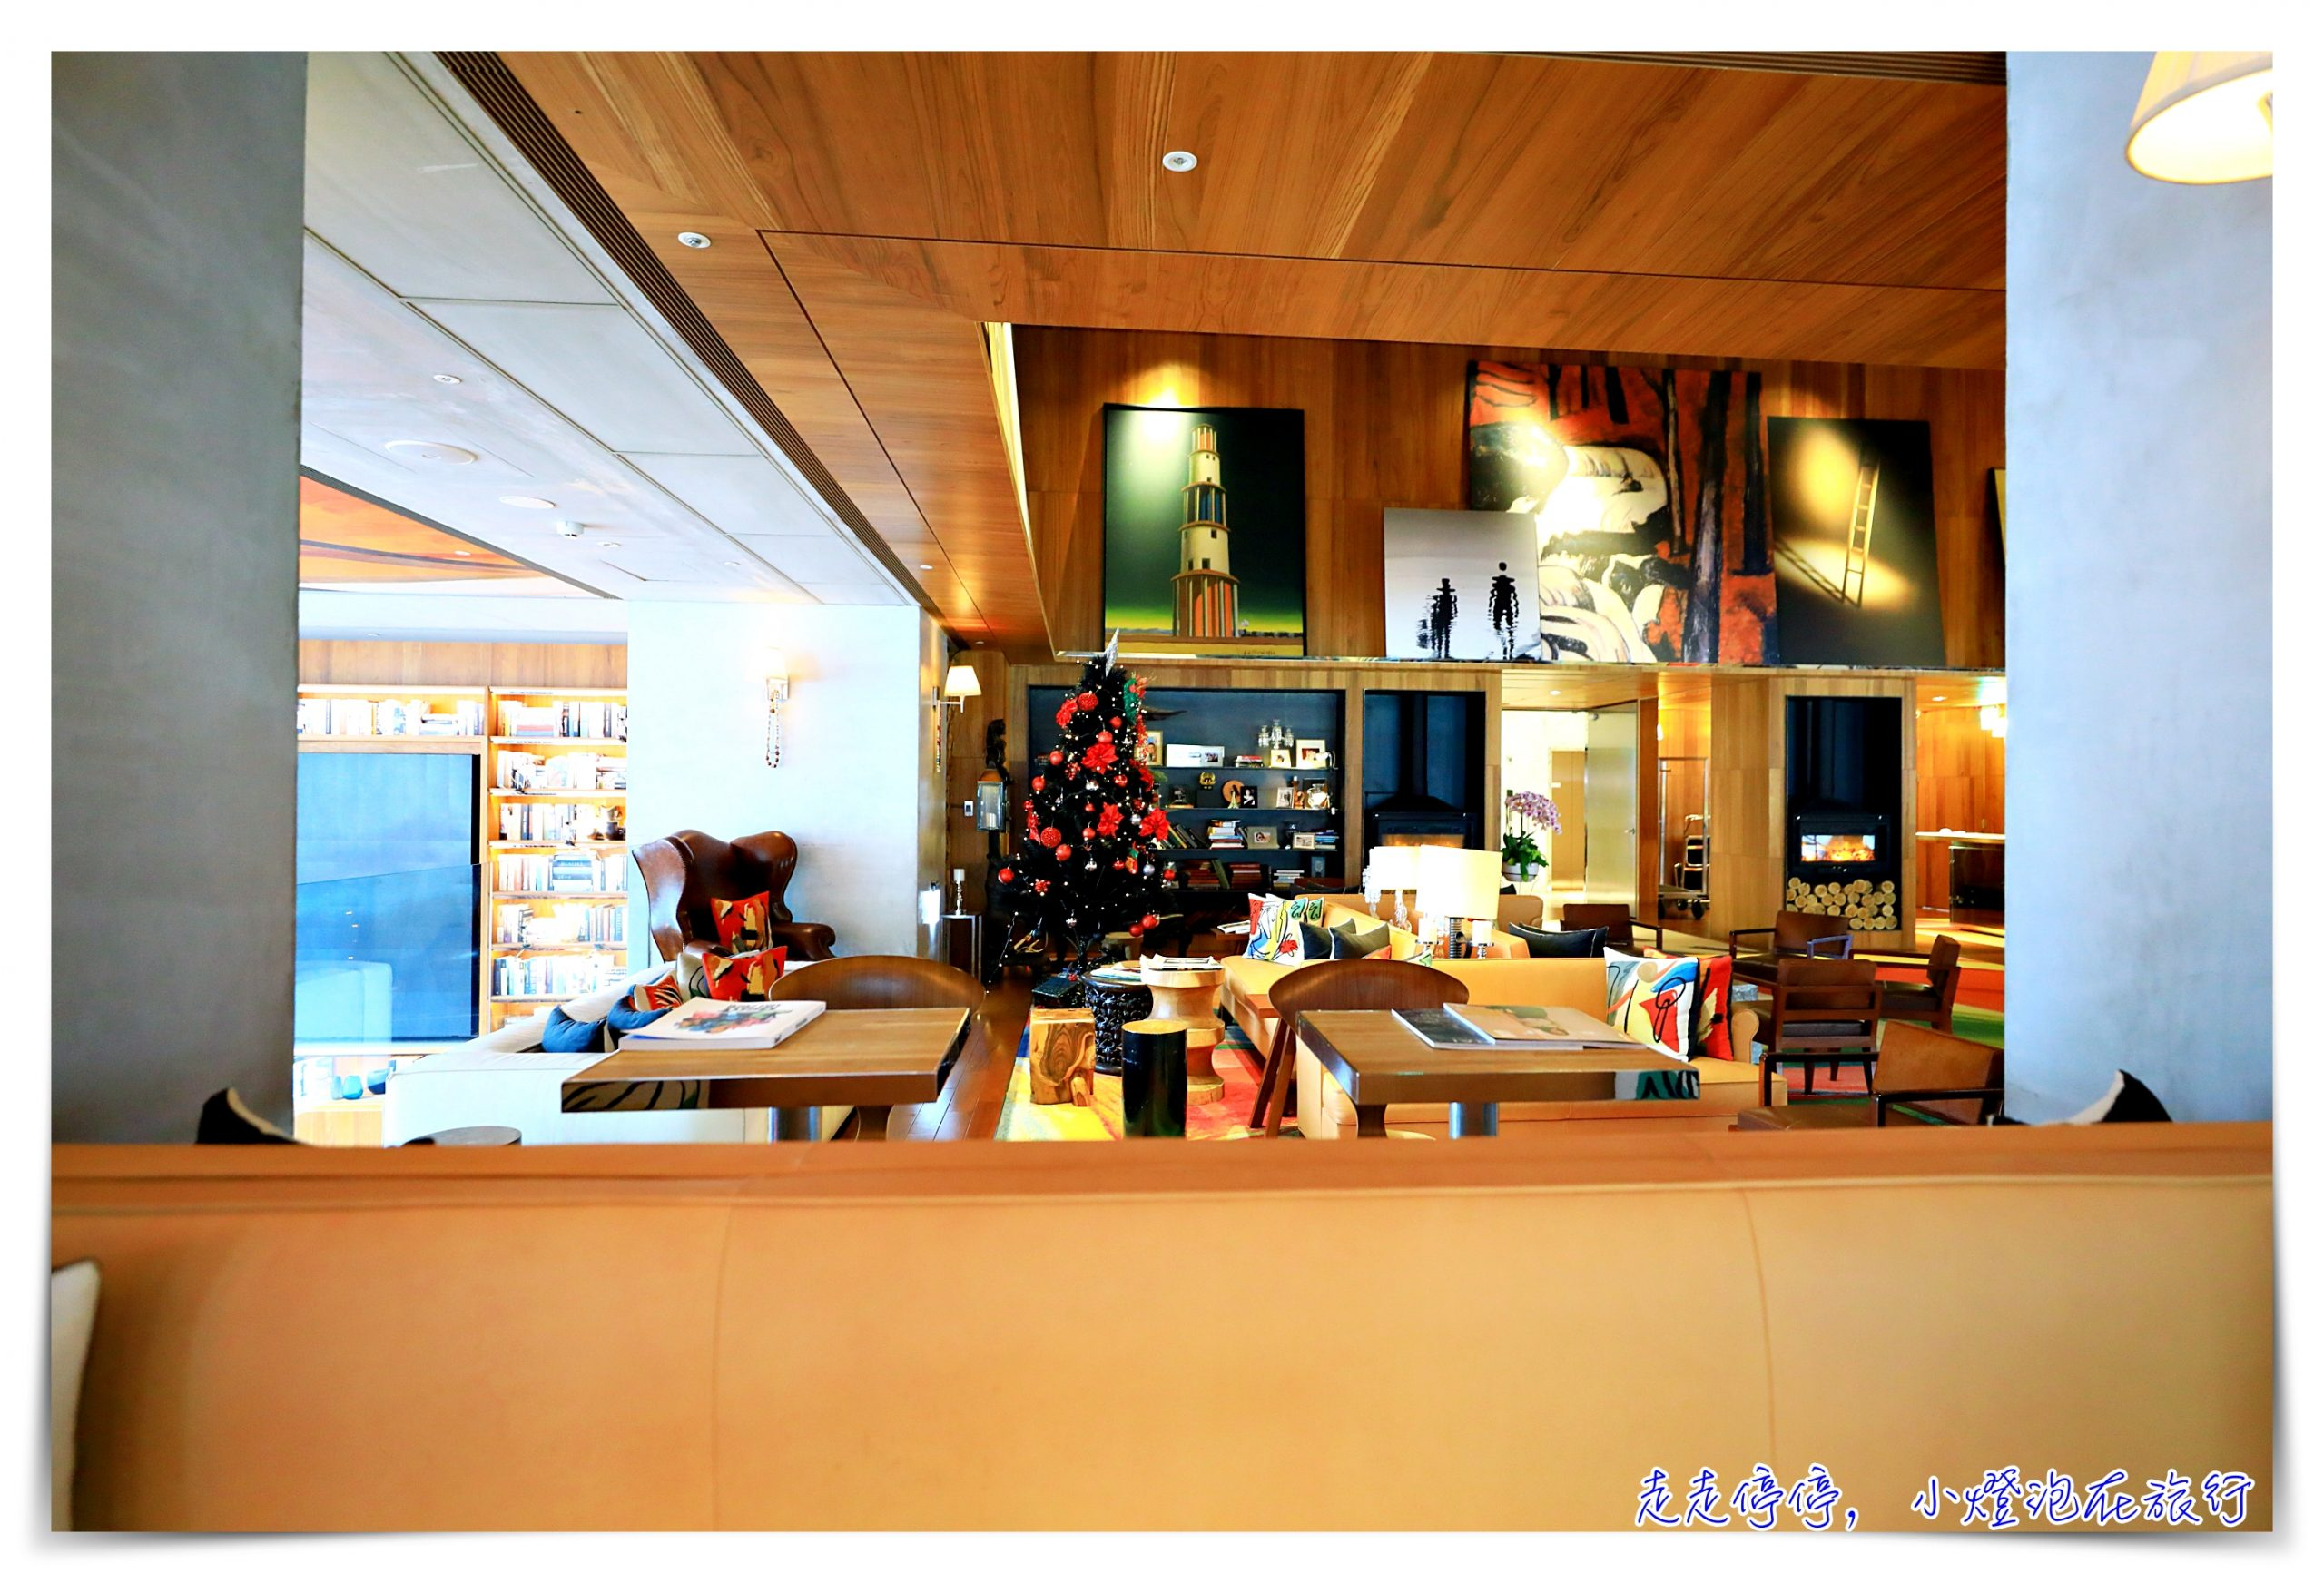 S hotel|藝術感十足、質調無敵細緻,鬼才設計師、整面書牆、純白房間、高檔設備,貴婦網美級飯店推薦